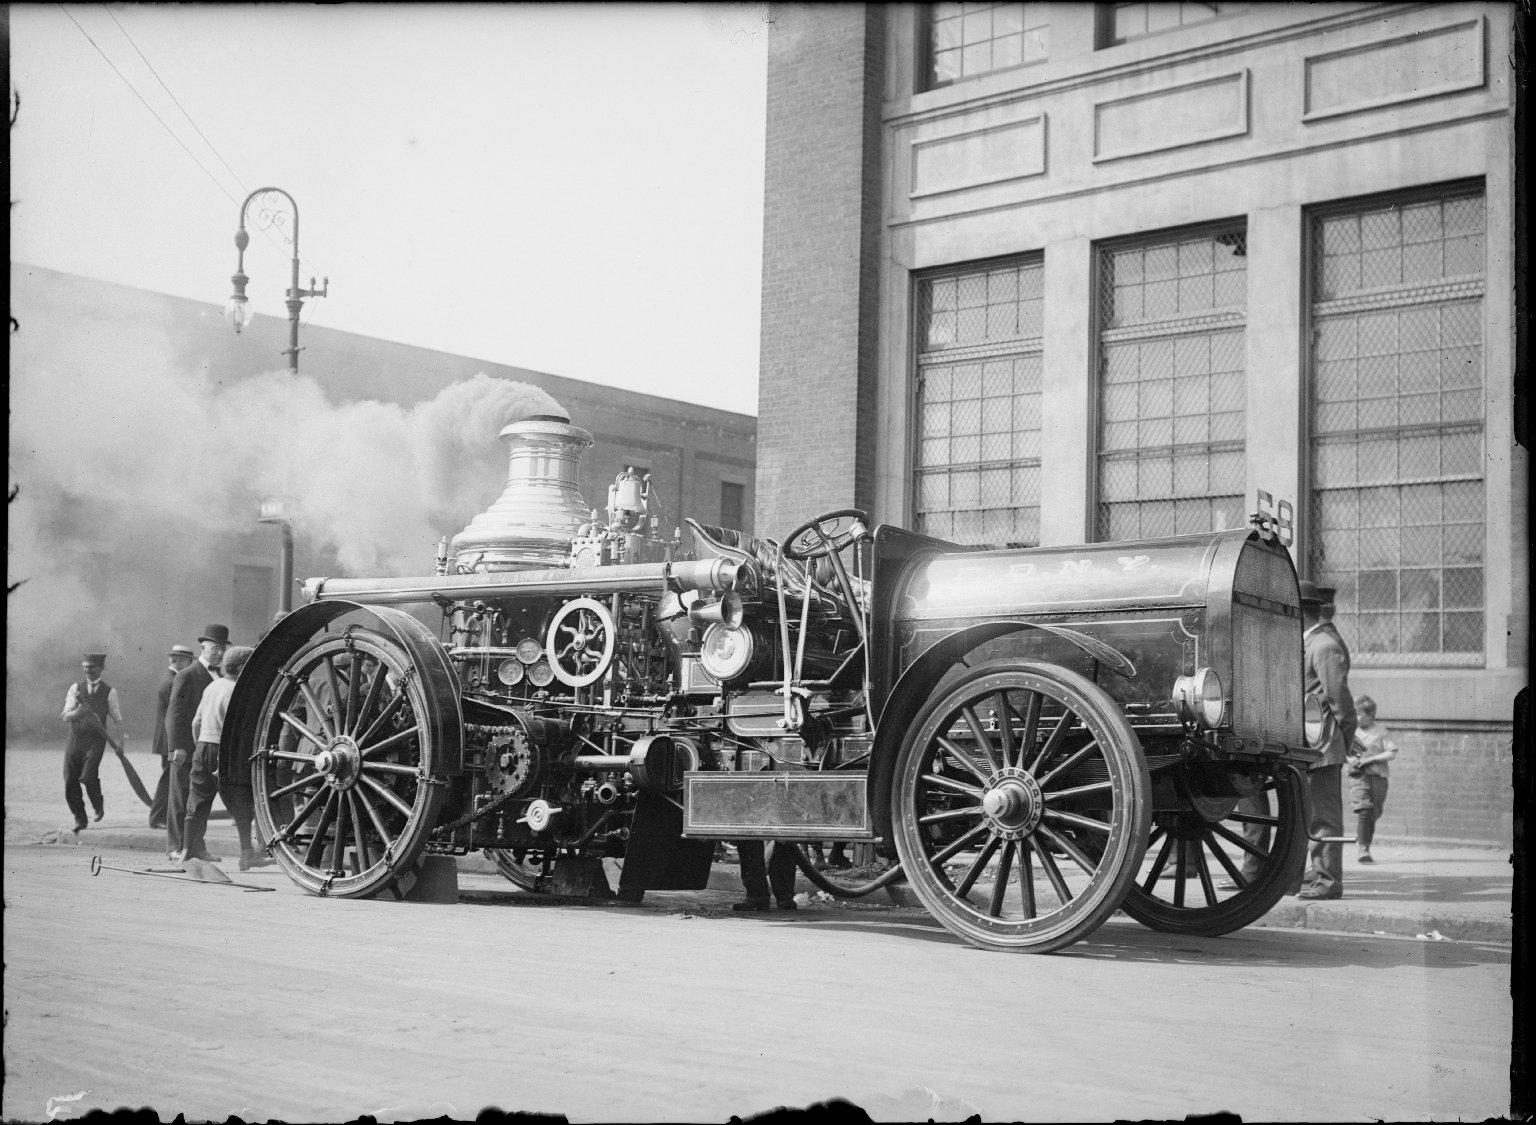 Демонстрация парового пожарного насоса, оснащенного трактором. Нью-Йорк, США. Начало 20 века